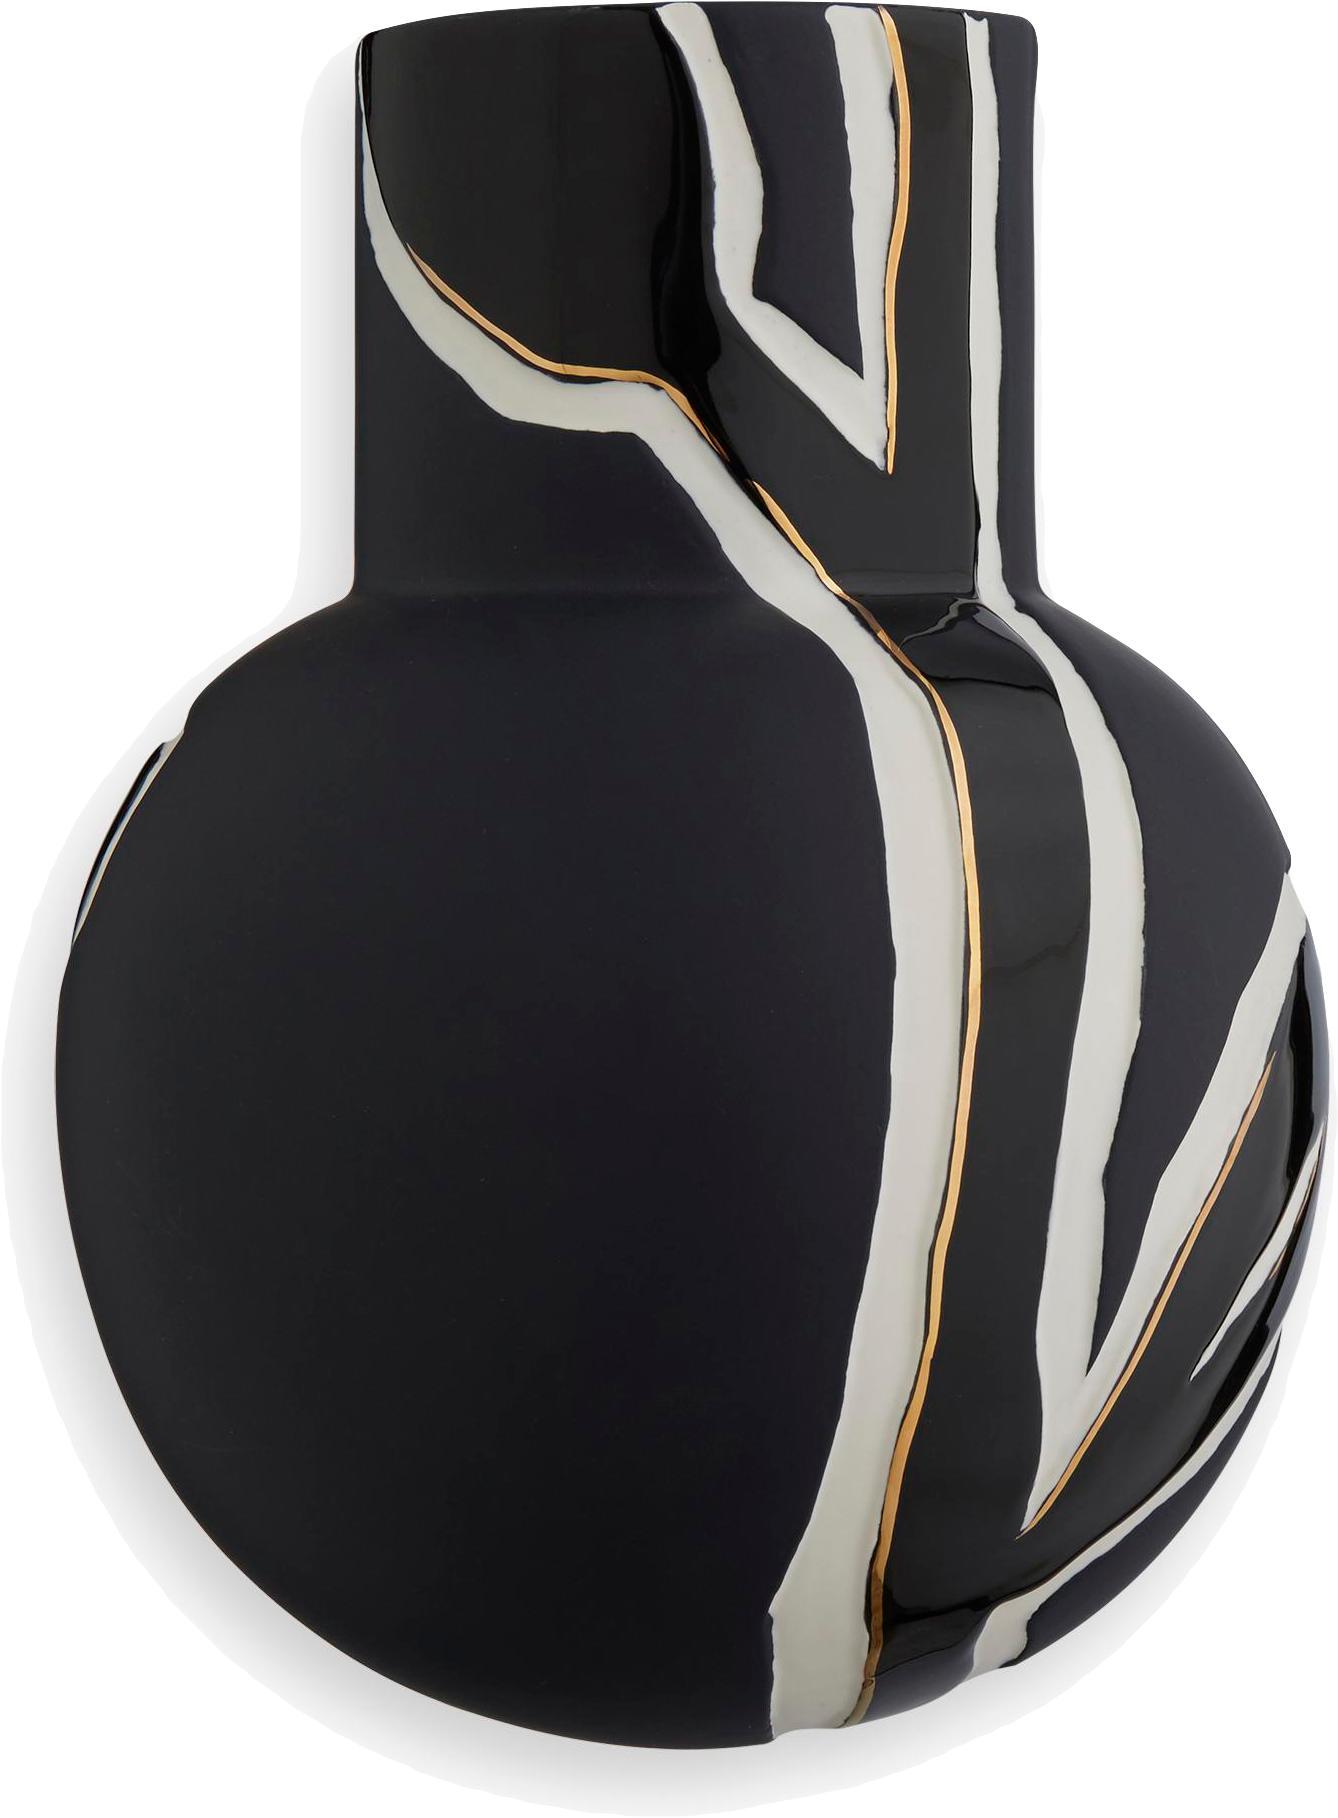 Handgefertigte Design-Vase Fiora, Porzellan, Blau-Schwarz, Creme, Goldfarben, 19 x 25 cm